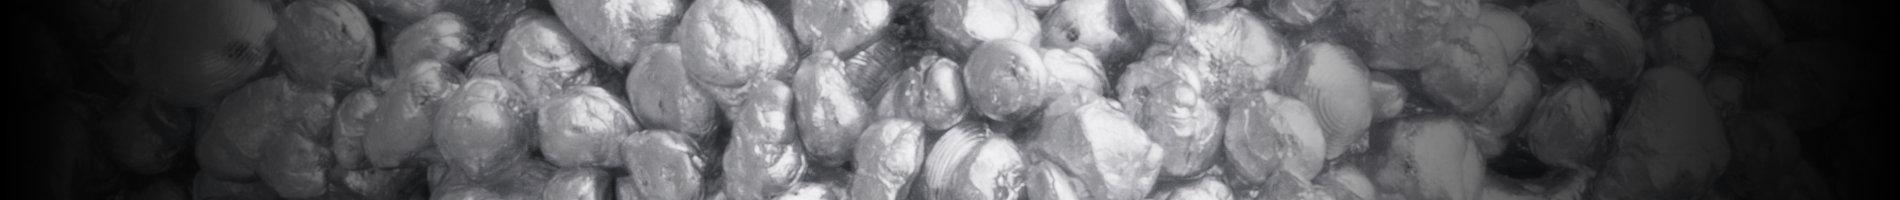 Startseite Image